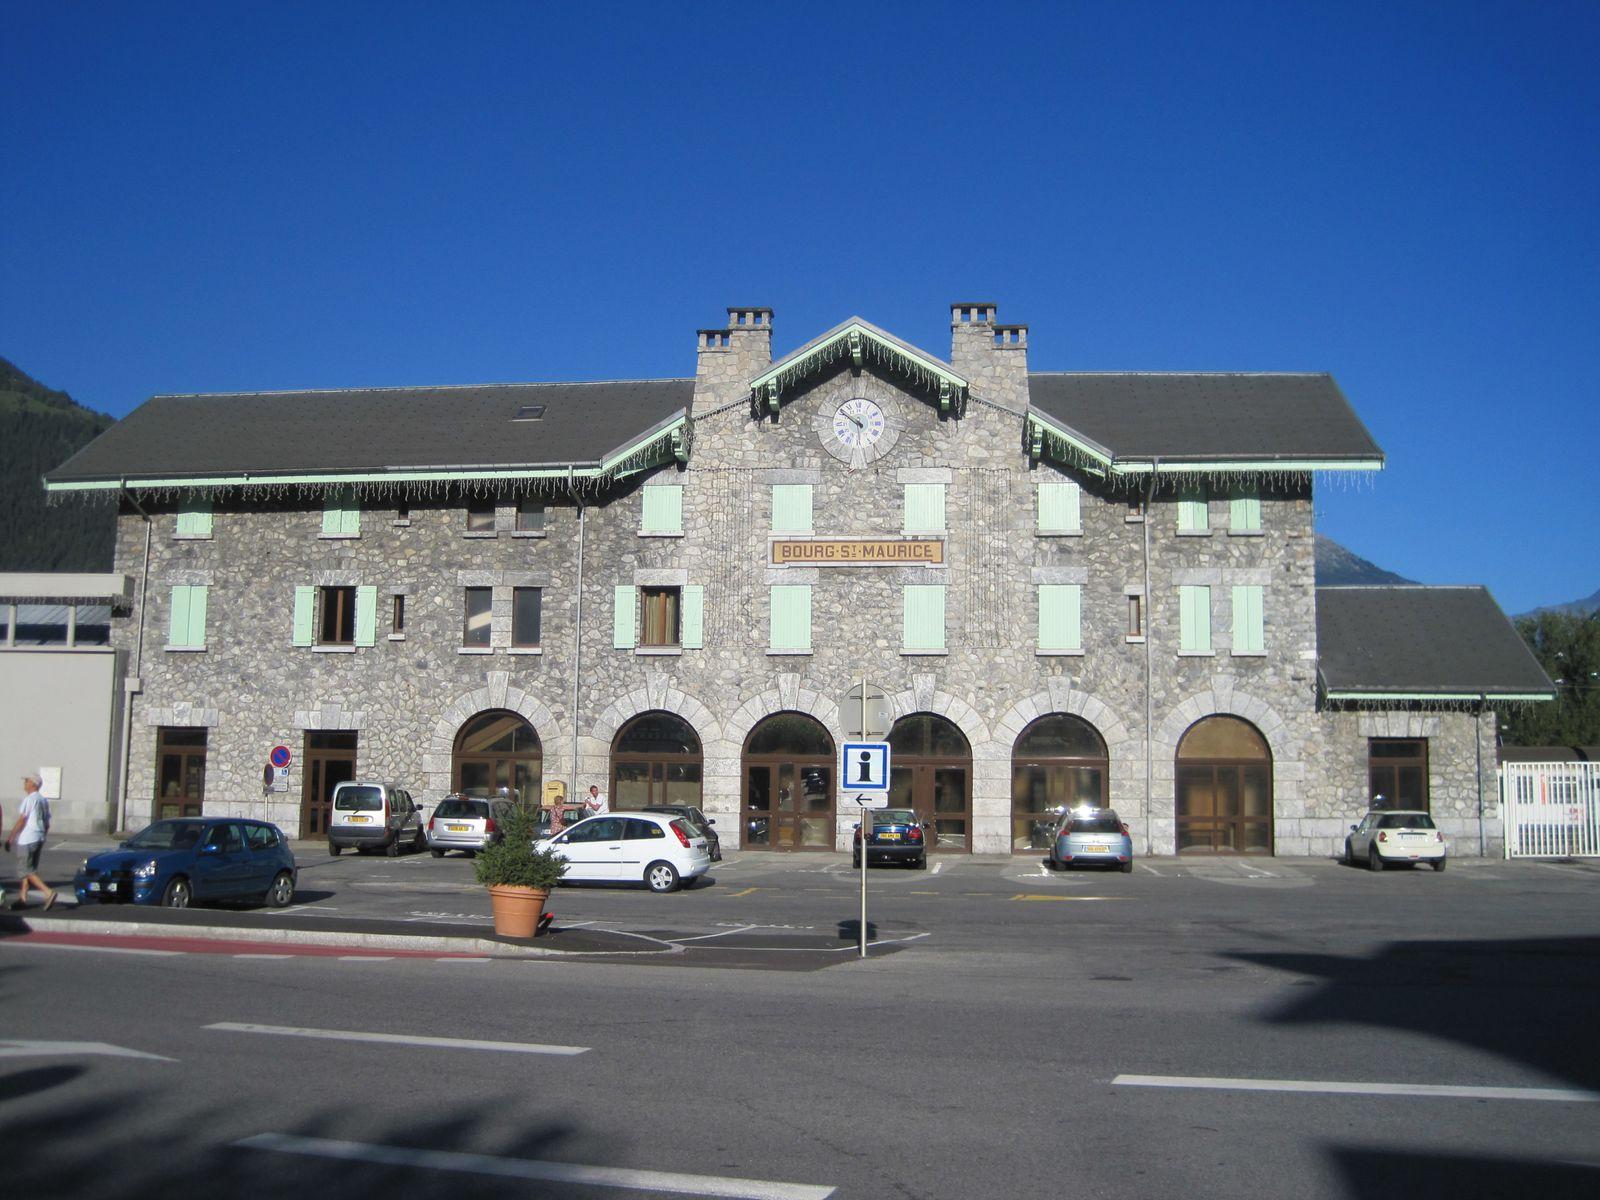 Suite du tour du mont blanc les vir es de papy et mamy - Bourg saint maurice office du tourisme ...